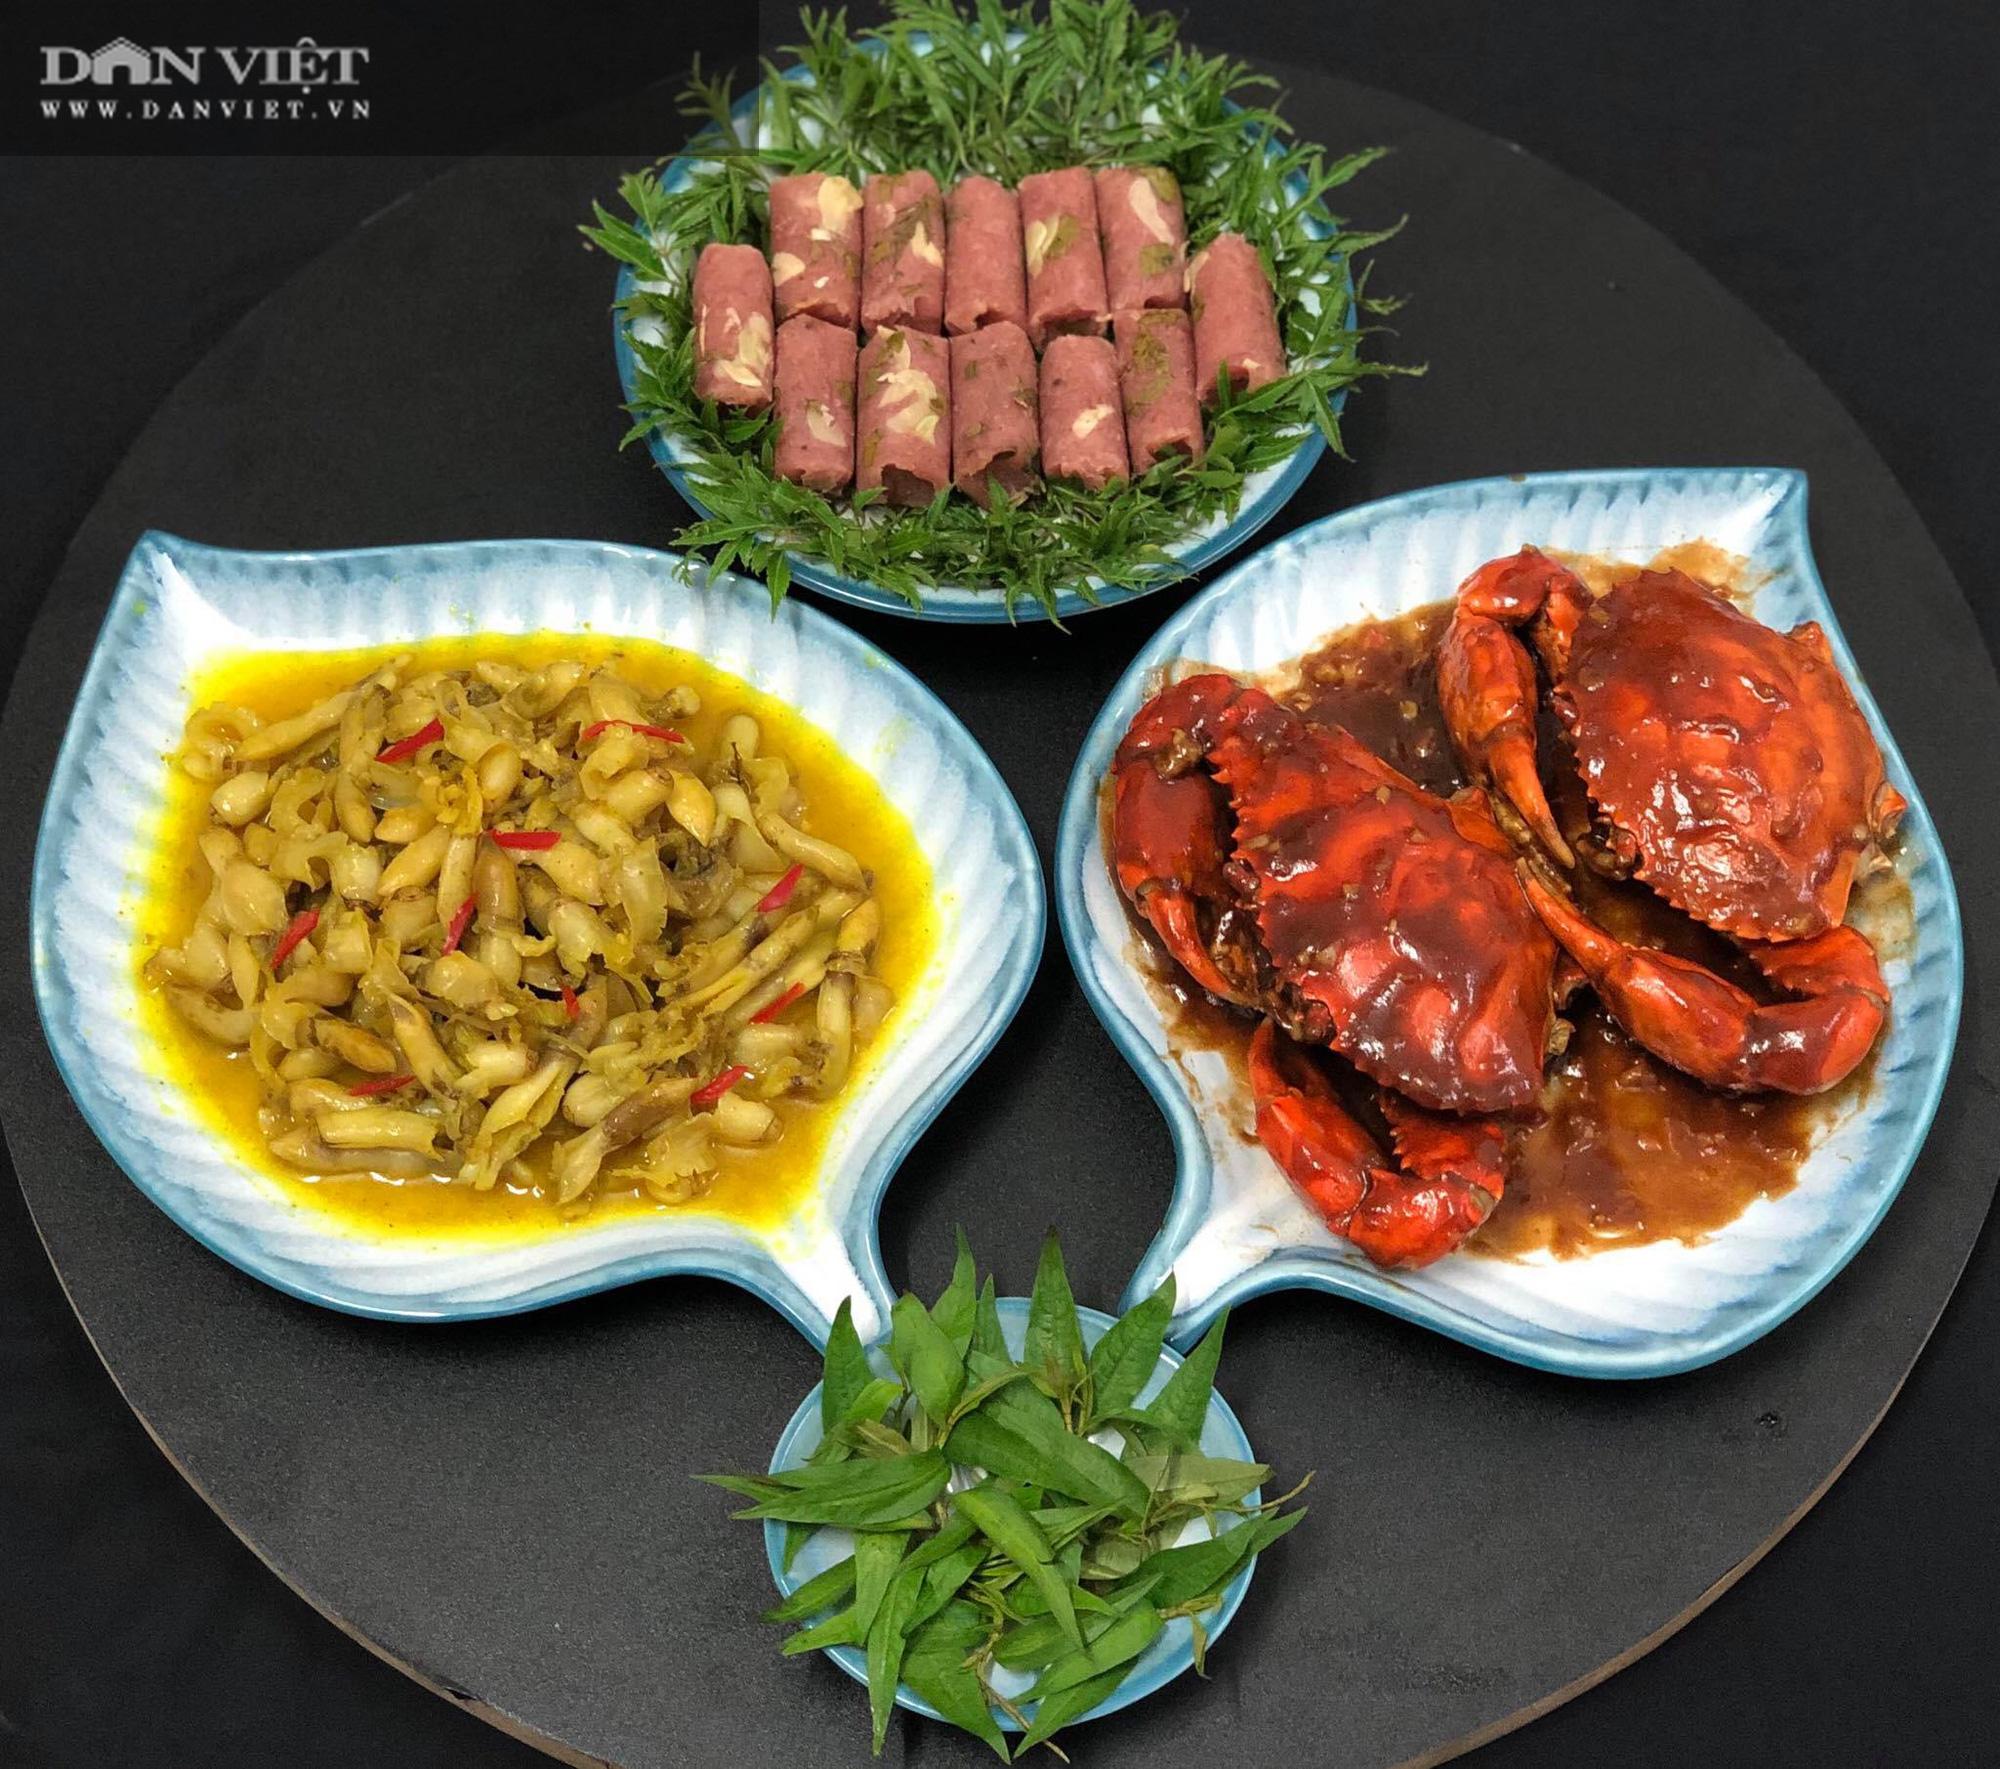 Mẹ đảm Hà thành gợi ý thực đơn cơm nhà đẹp mắt, đủ dinh dưỡng - Ảnh 11.